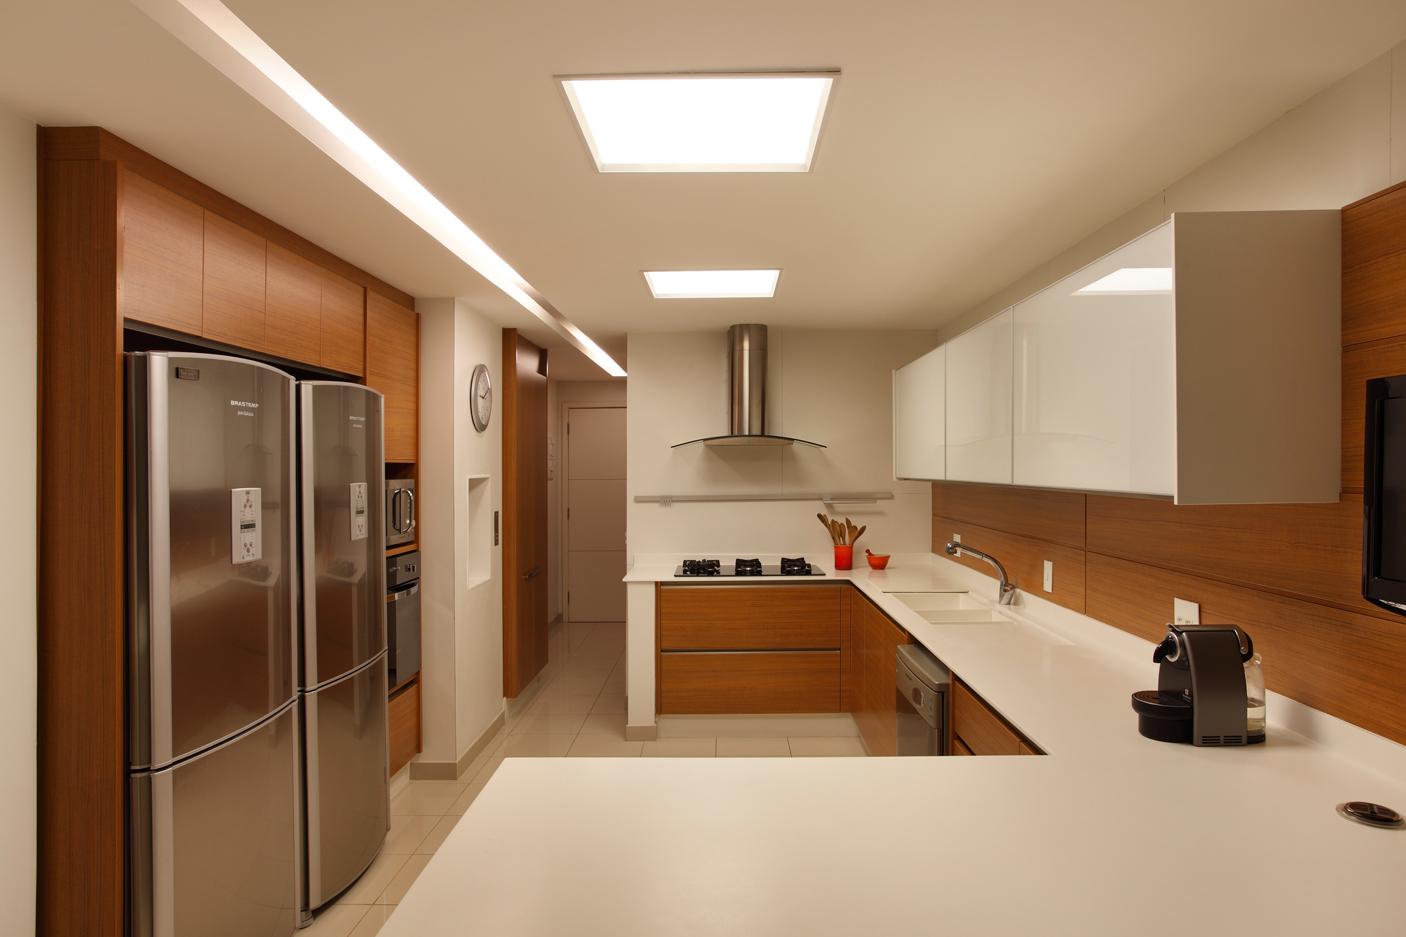 Armarios De Cozinha Kd : Cozinhas brancas e amadeiradas veja modelos lindos